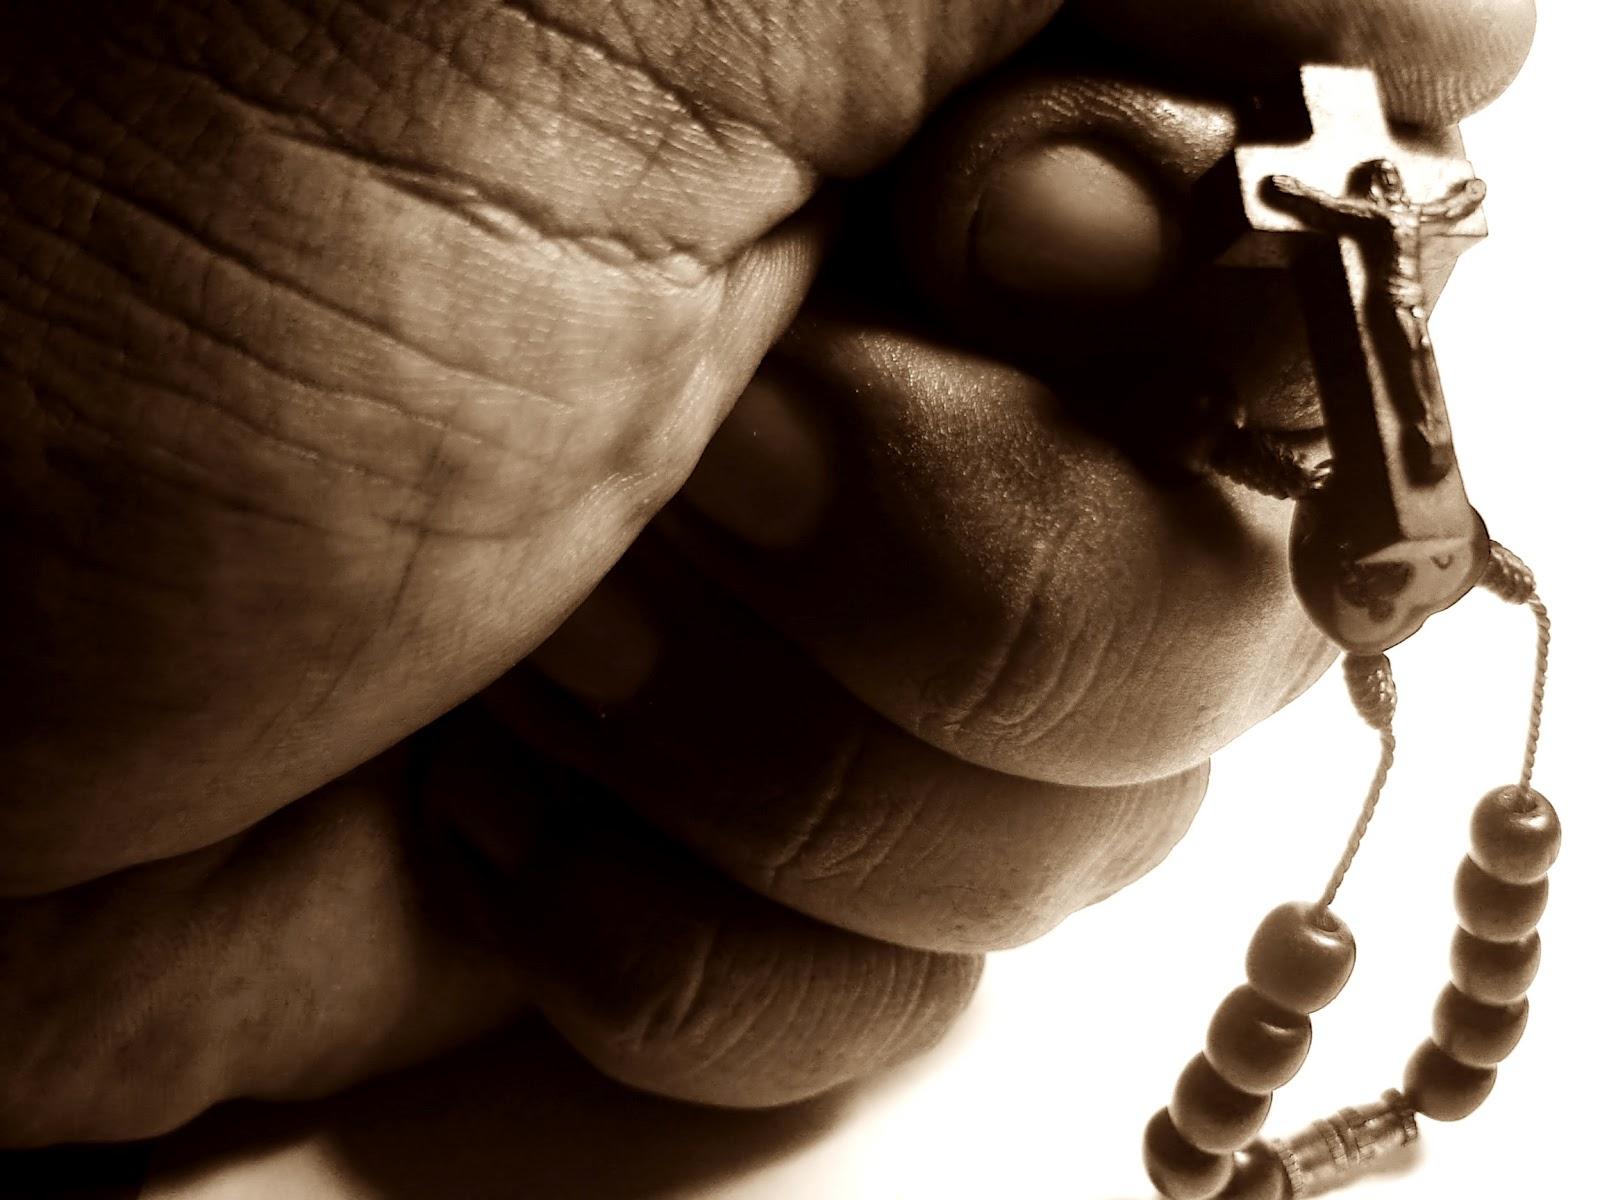 Tragédia em Santa Maria: o cristão deve fazer a sua parte